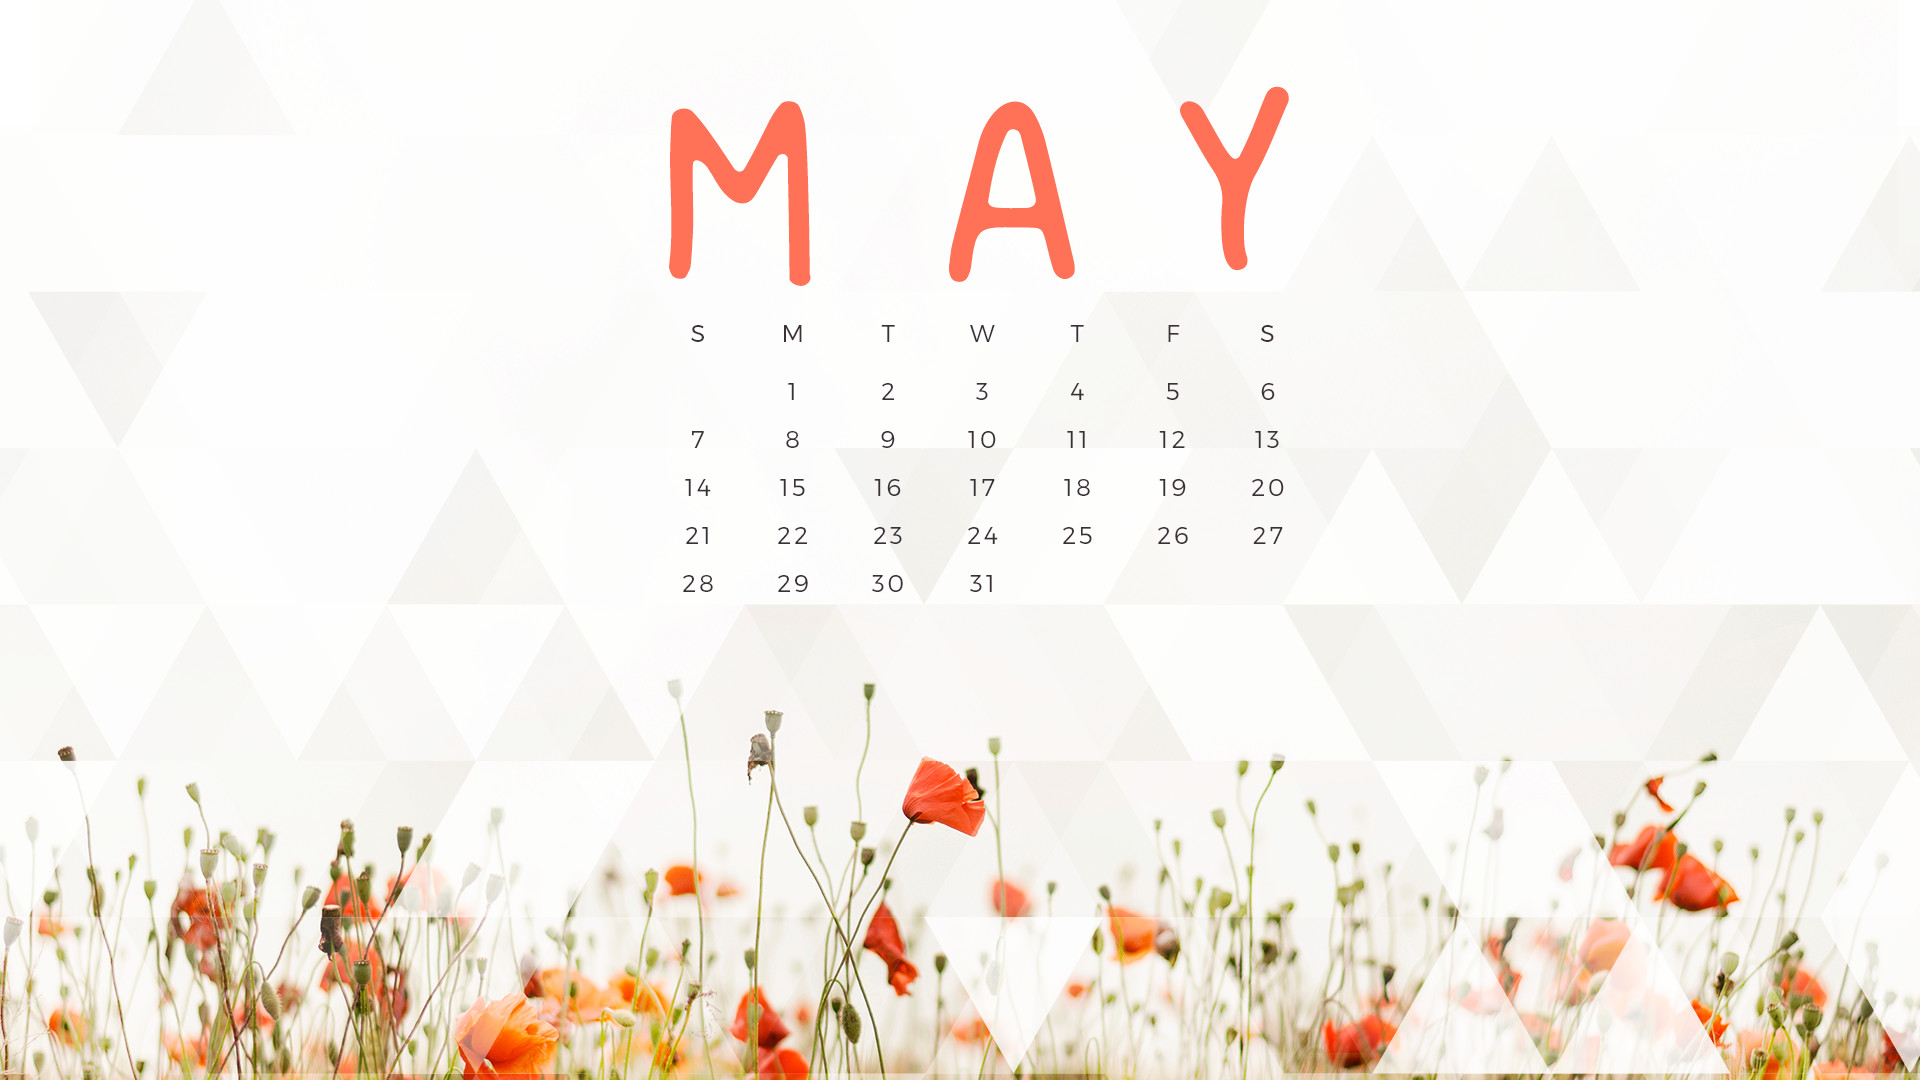 Free May 2018 Wall Calendar